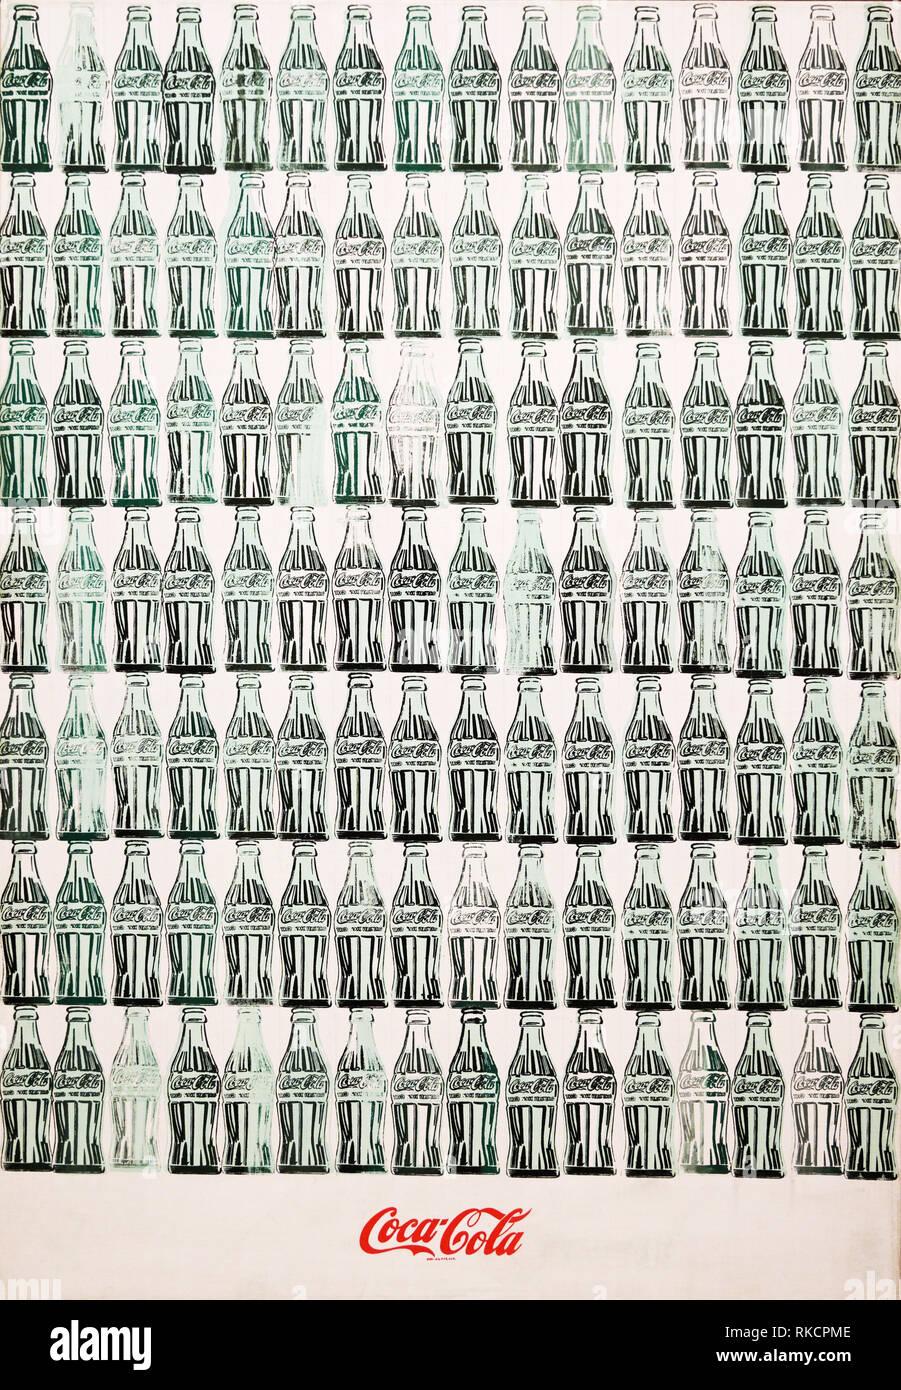 Verde bottiglie di Coca Cola, 1962, Andy Warhol Immagini Stock